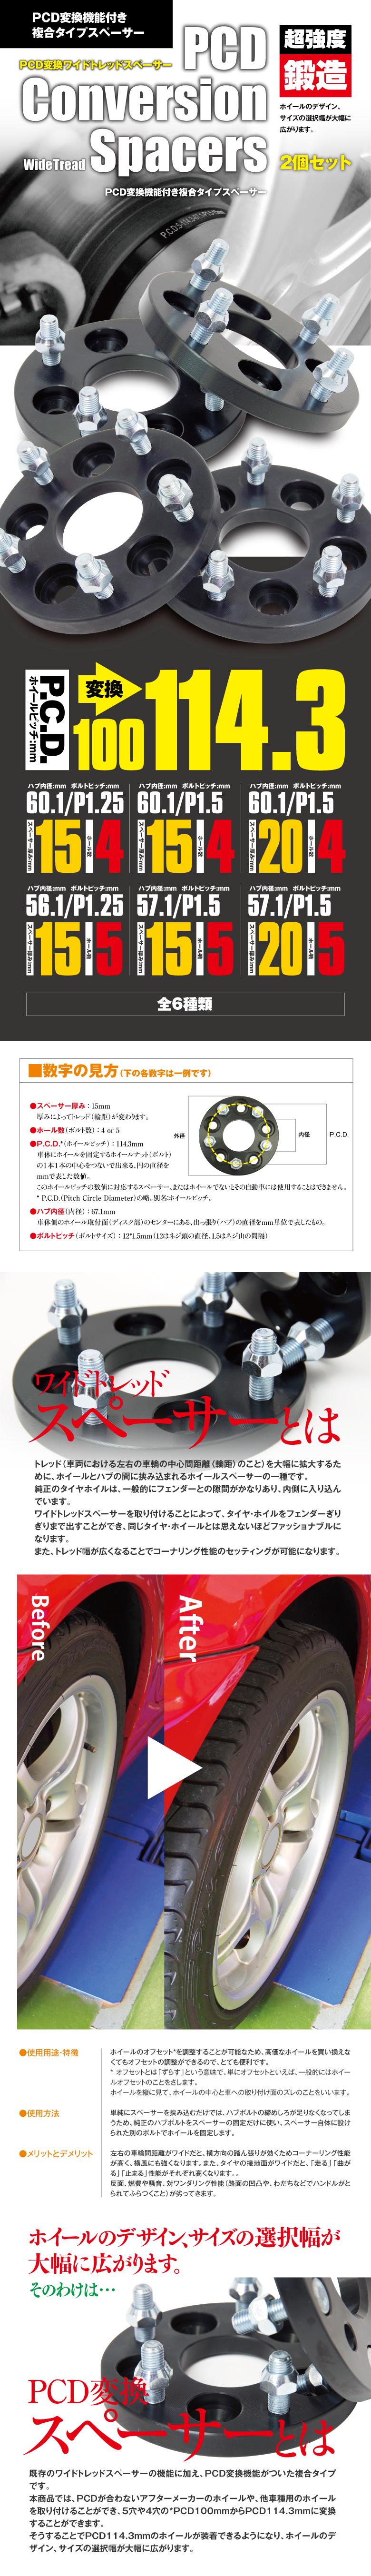 PCD変換スペーサー